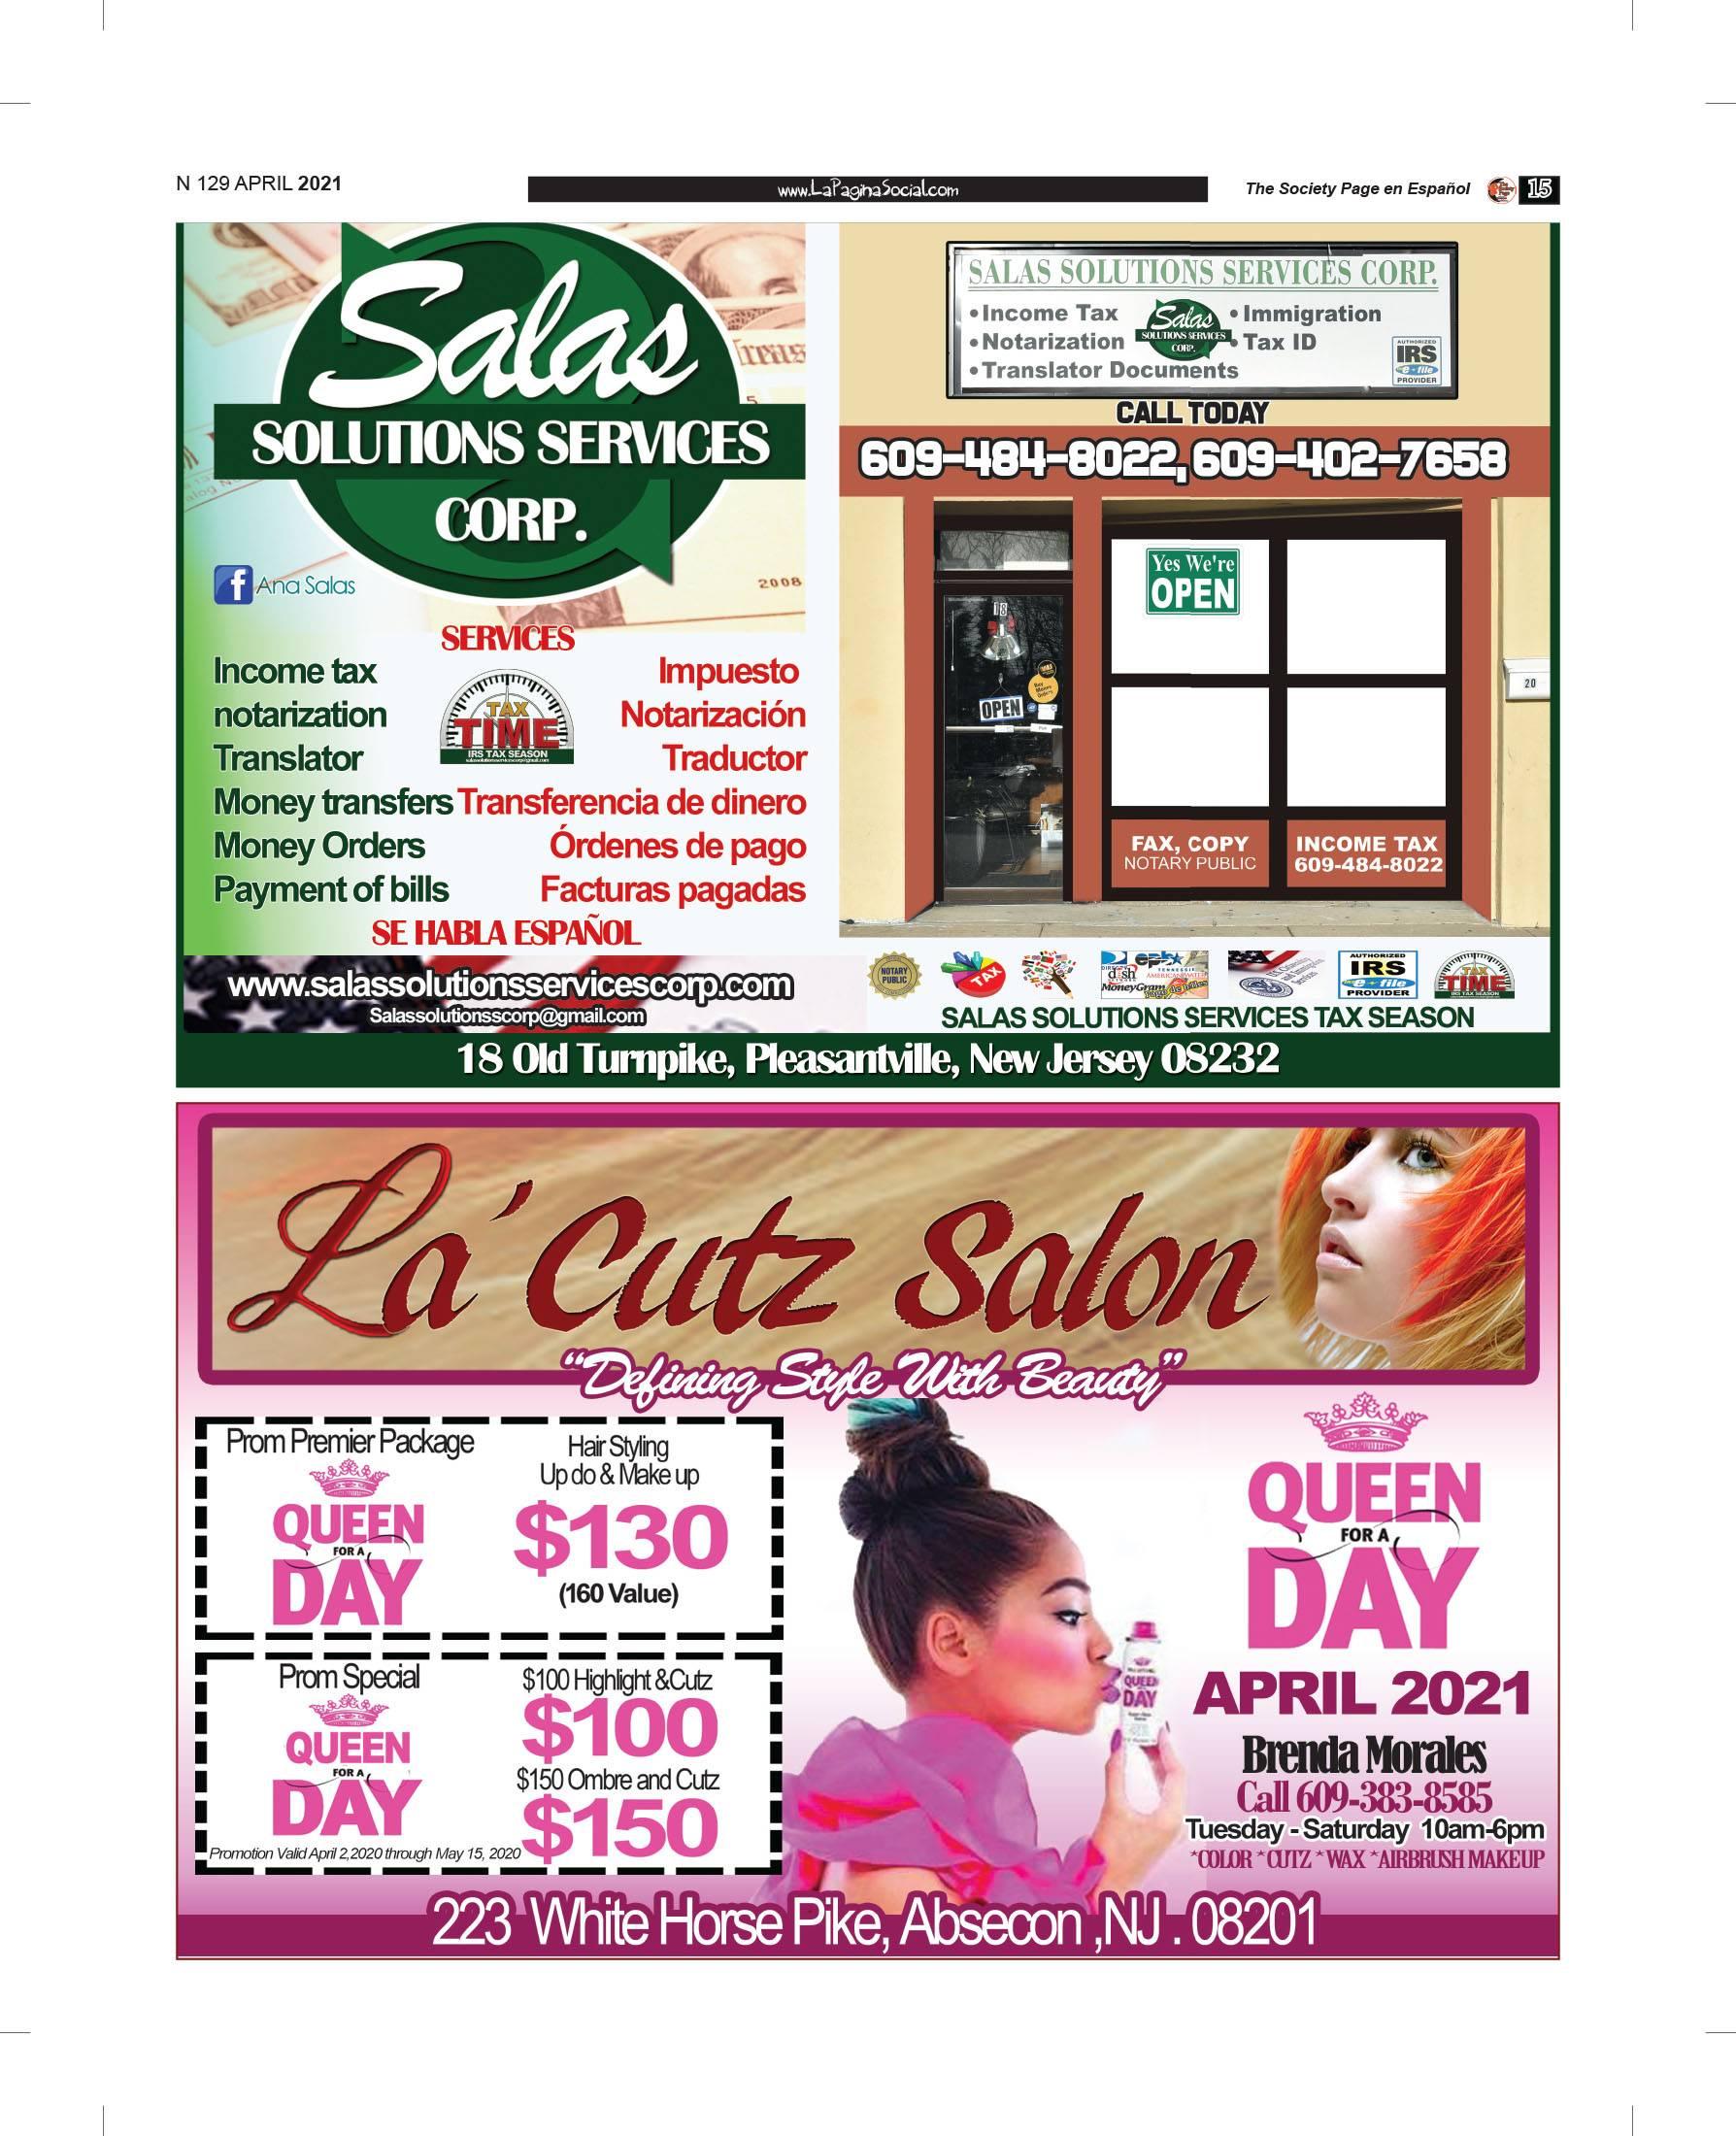 #SalasSolutionsServices #LaCutzSalon